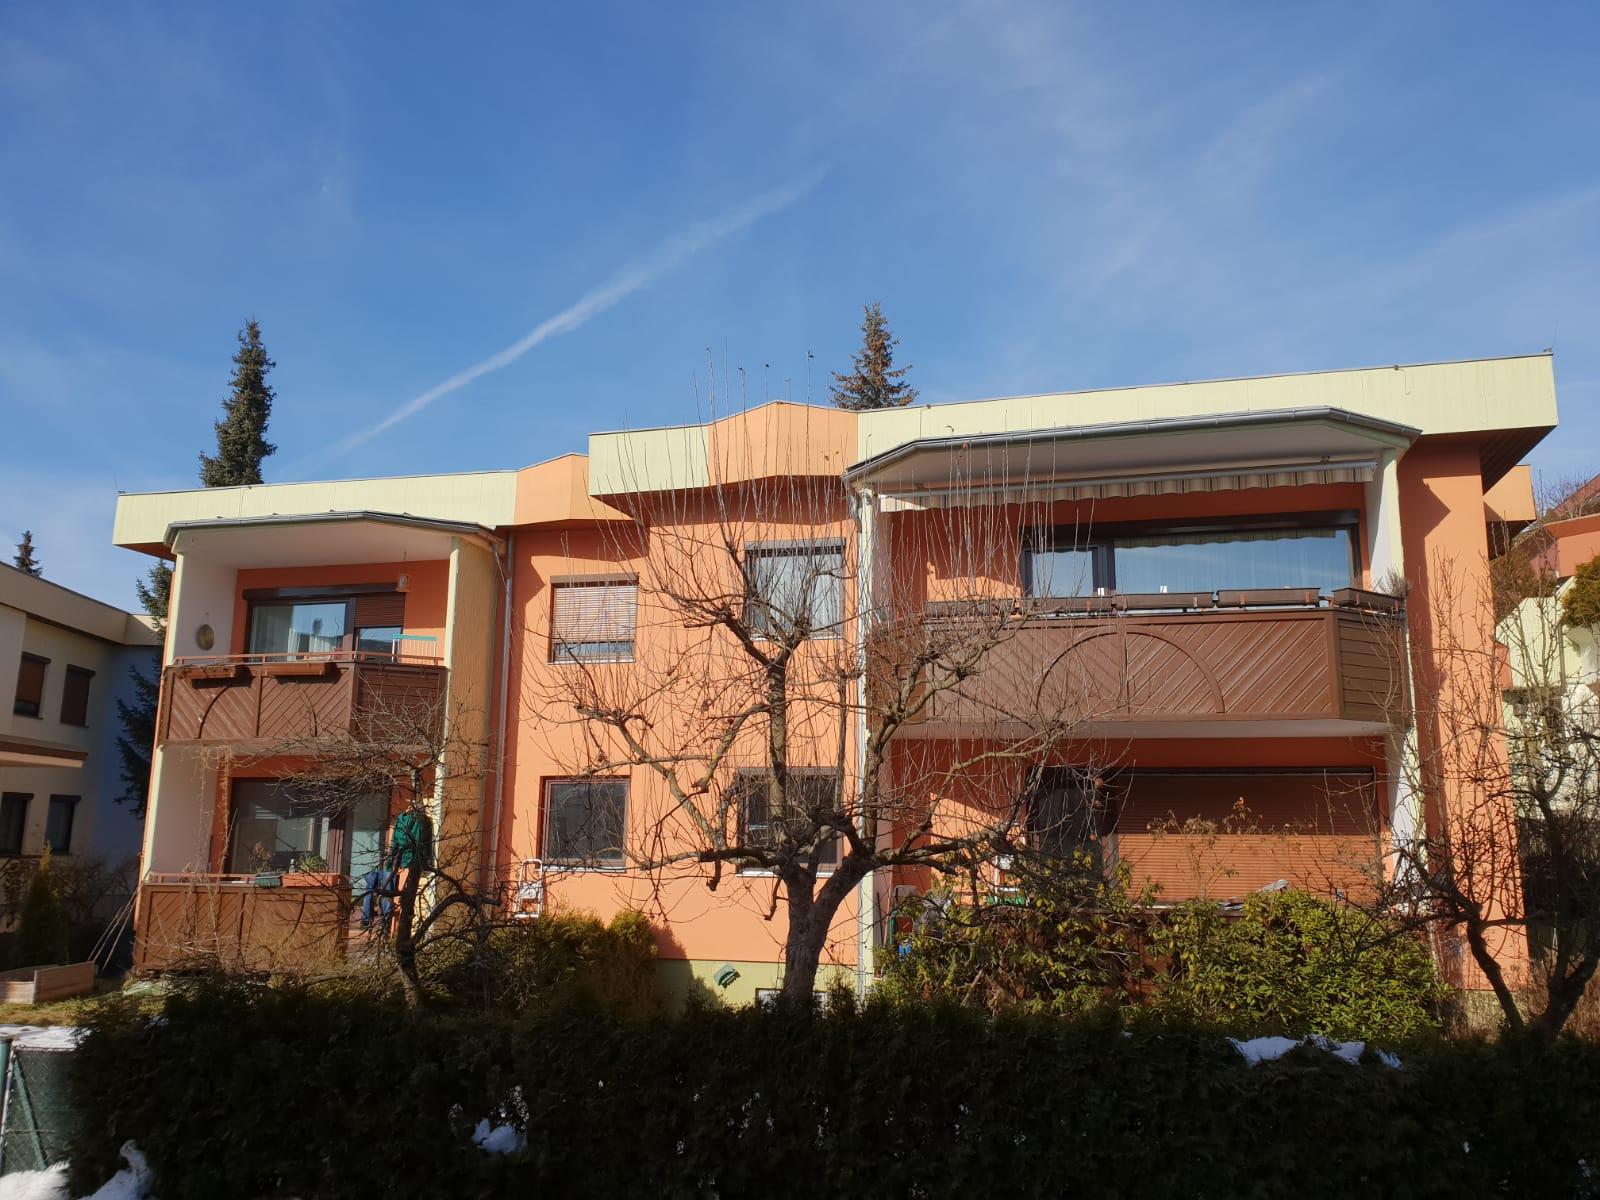 Neckheimgasse, Klagenfurt, Waidmannsdorf, Seenähe, Uni- Nähe, Studentenwohnung, Real- Wohnbau